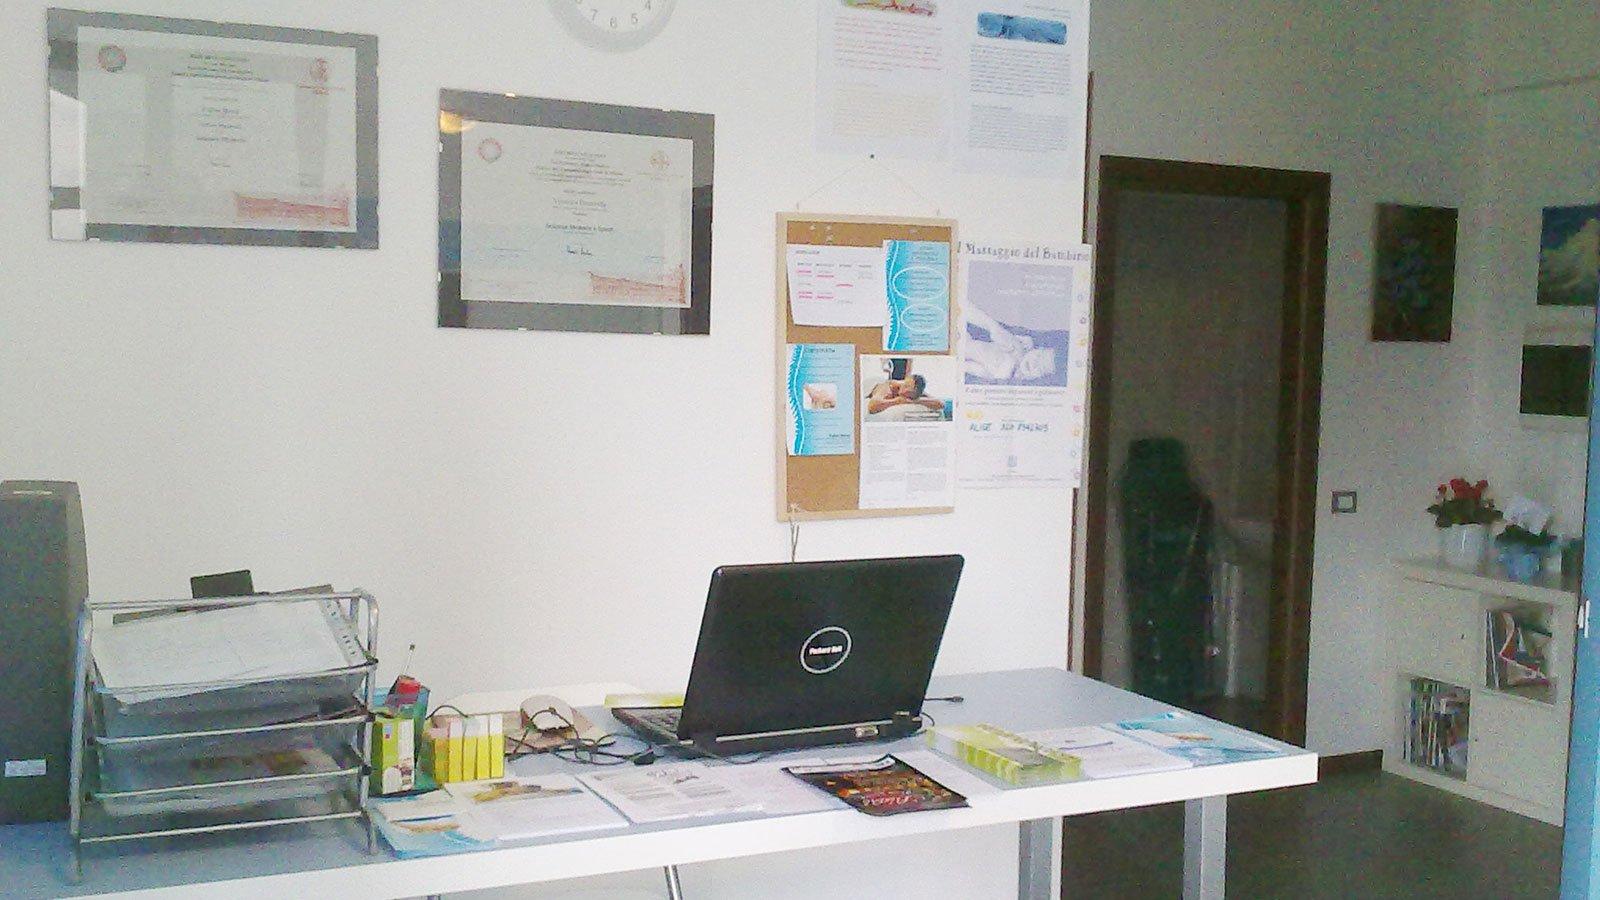 Una scrivania con un pc portatile e dei certificati appesi sul muro